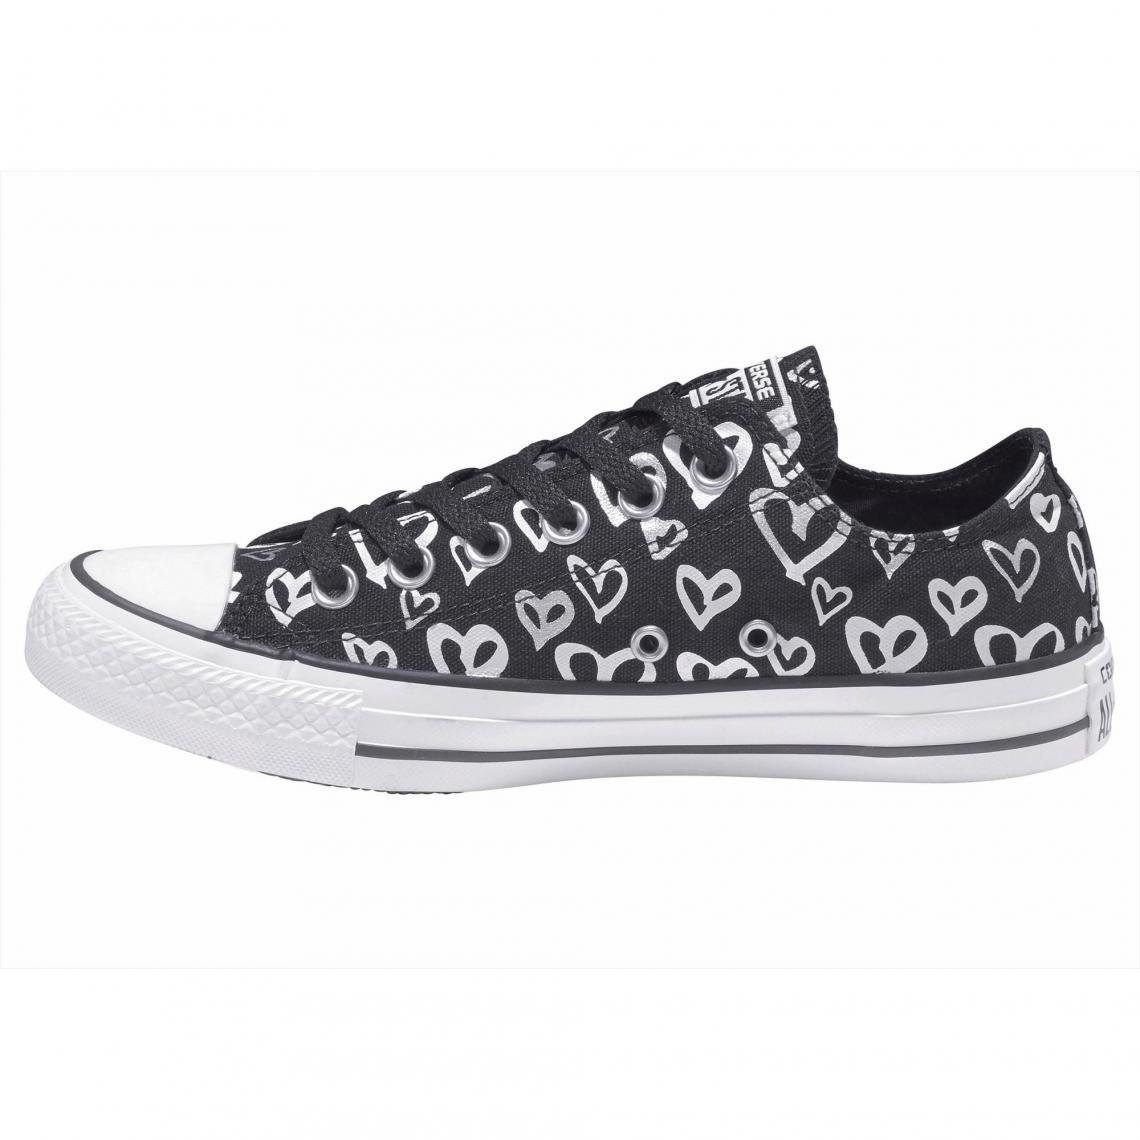 6af7515b7ee6f Sneakers Converse Cliquez l image pour l agrandir. Sneakers basses femme Converse  Chuck Taylor All Star Ox Heart - Noir ...